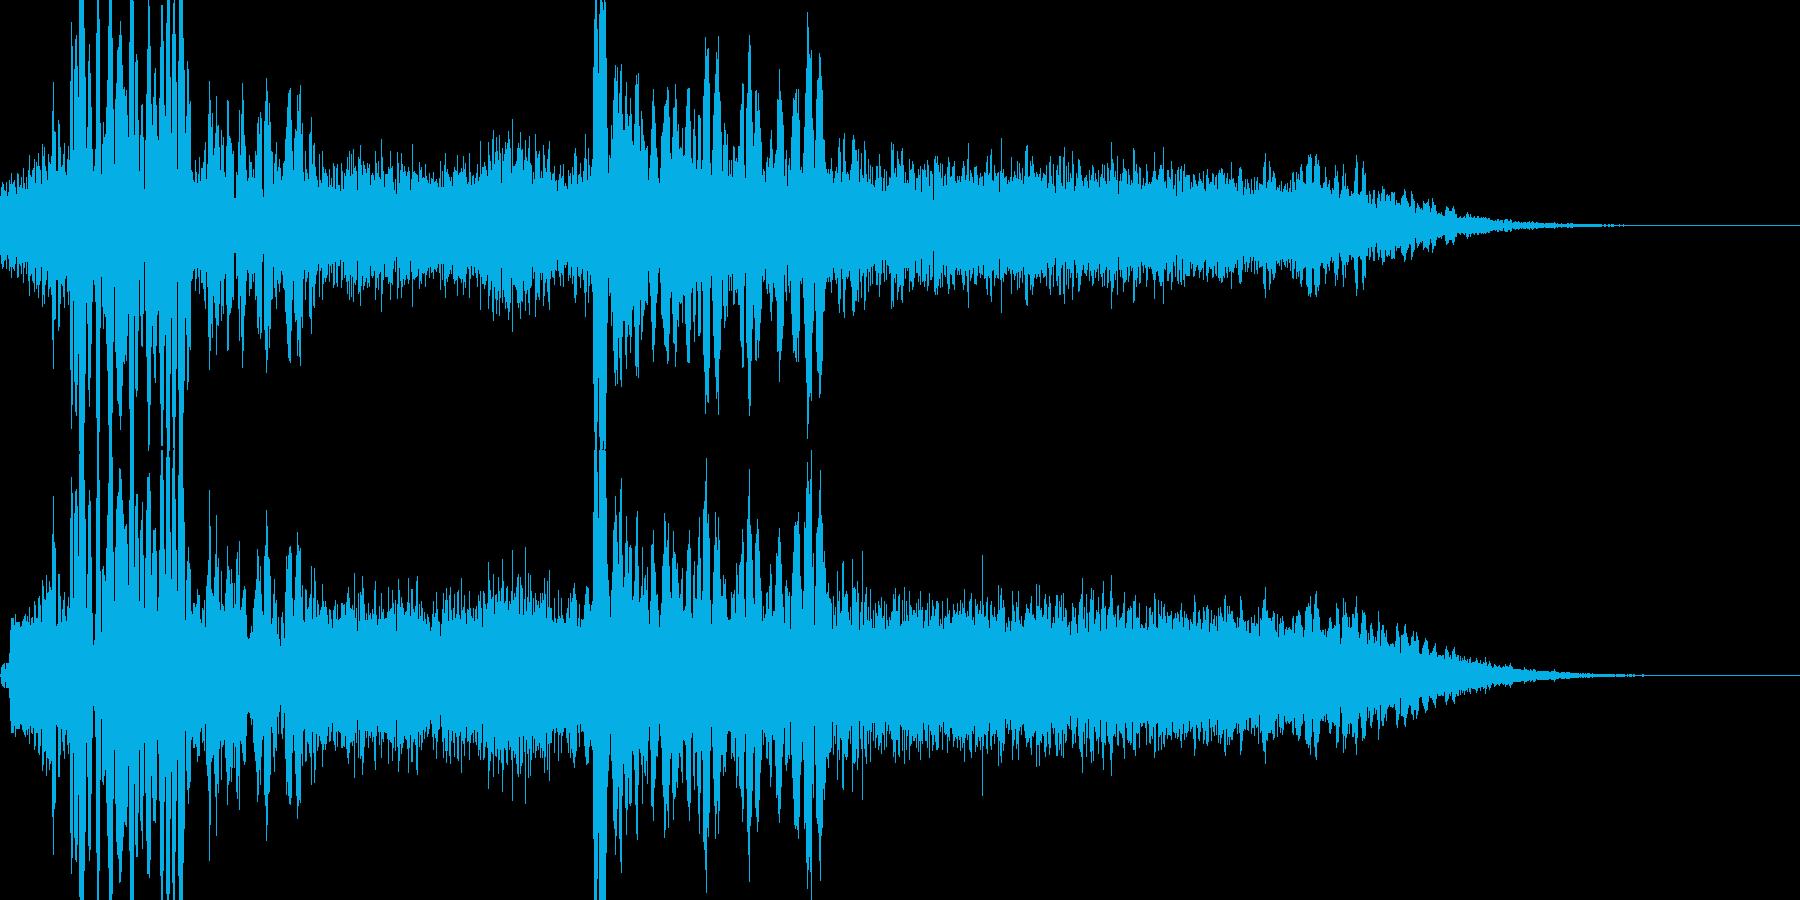 ザザー(ノイズ、砂嵐)+心音の再生済みの波形